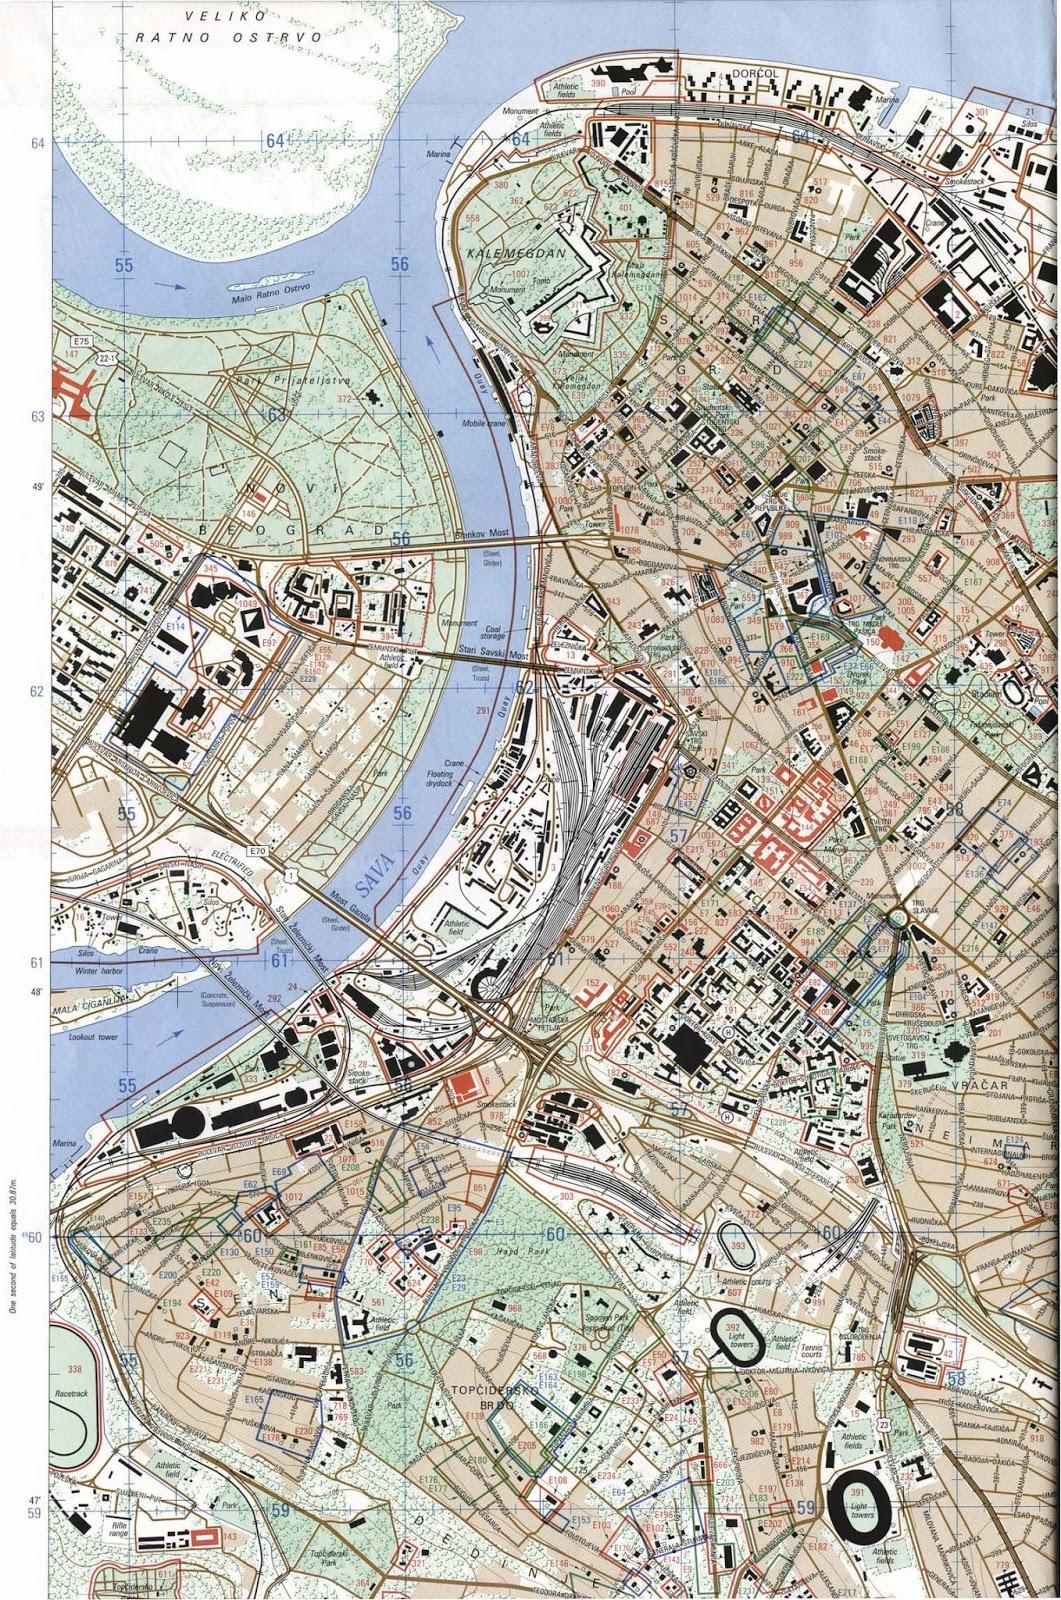 zemun serbia tourist map pdf